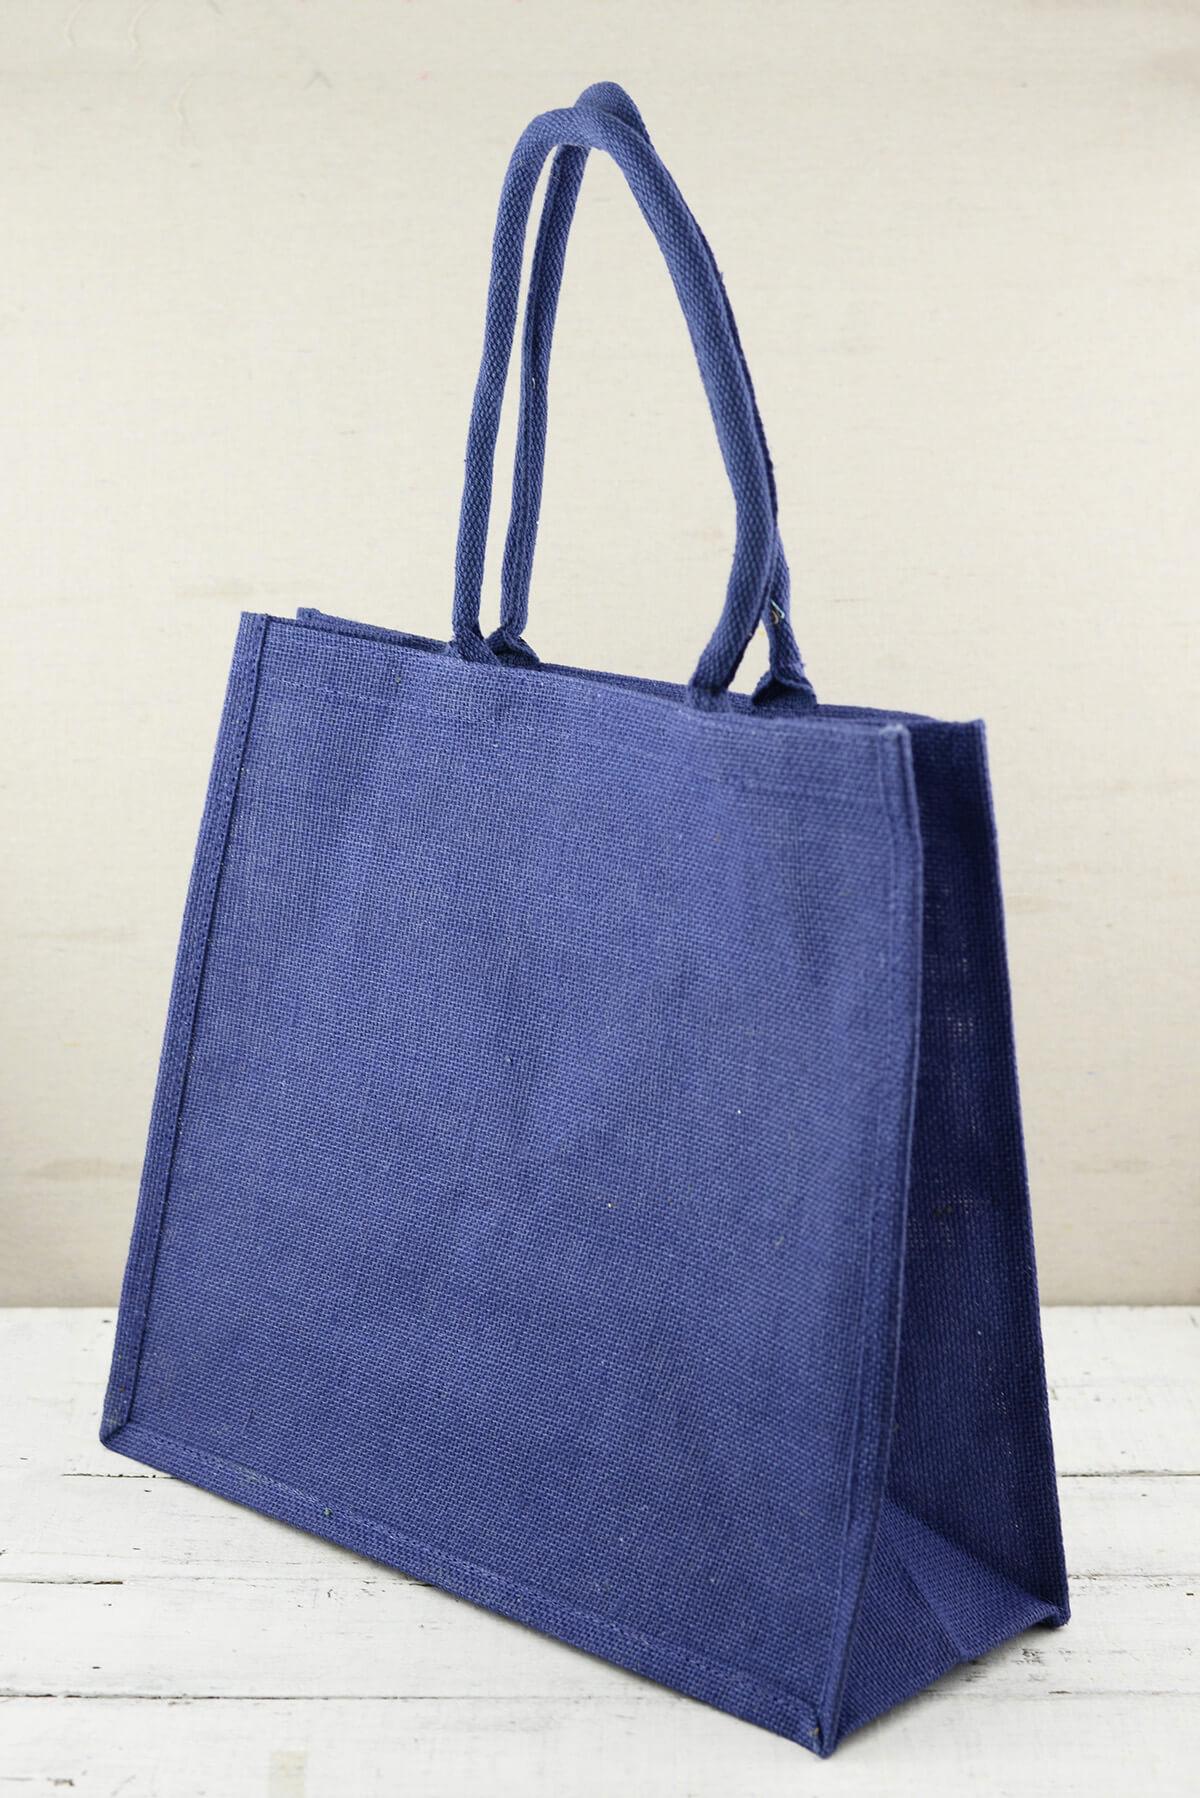 Blue Burlap Euro Tote 16x14 Bags